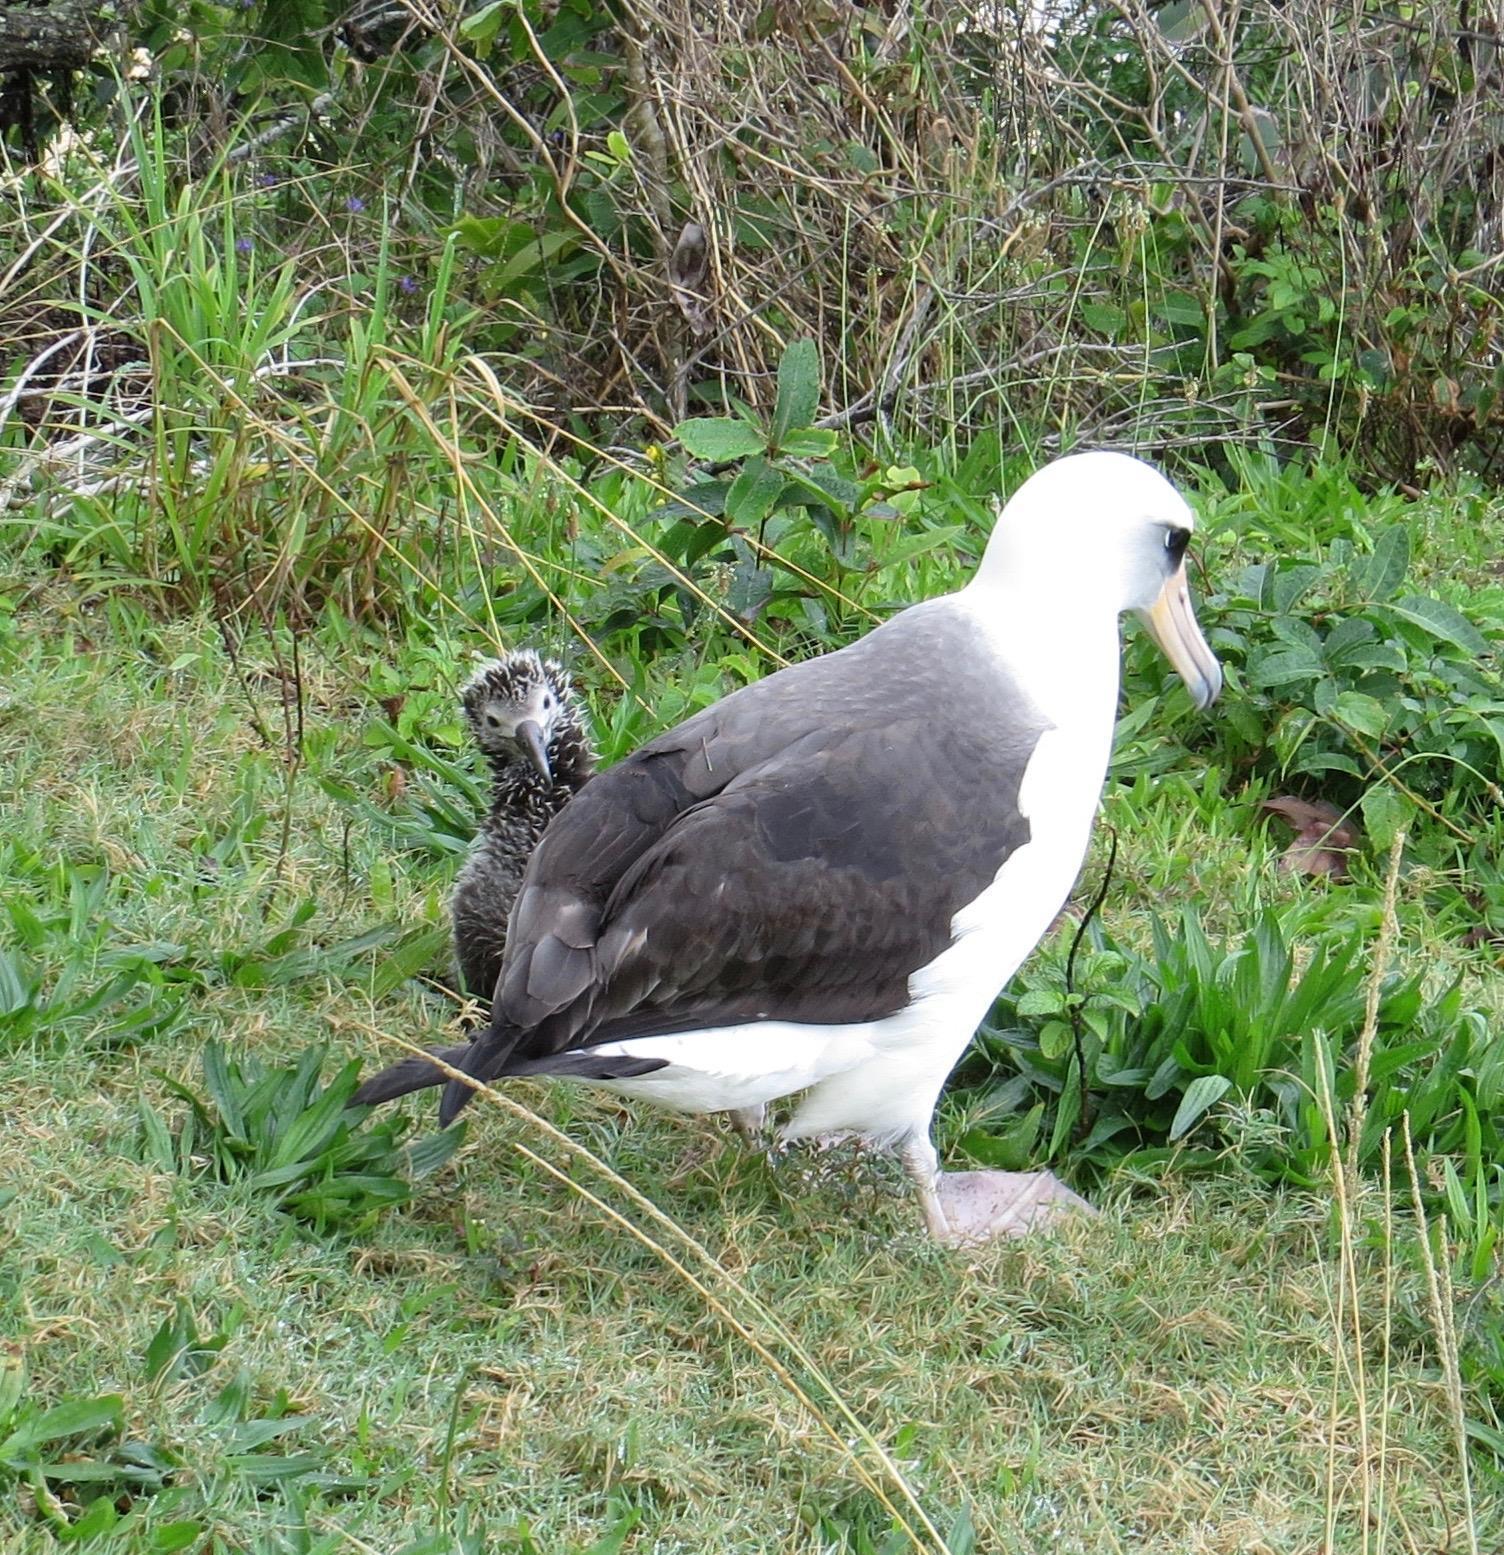 Laysan Albatross Photo by Don Glasco